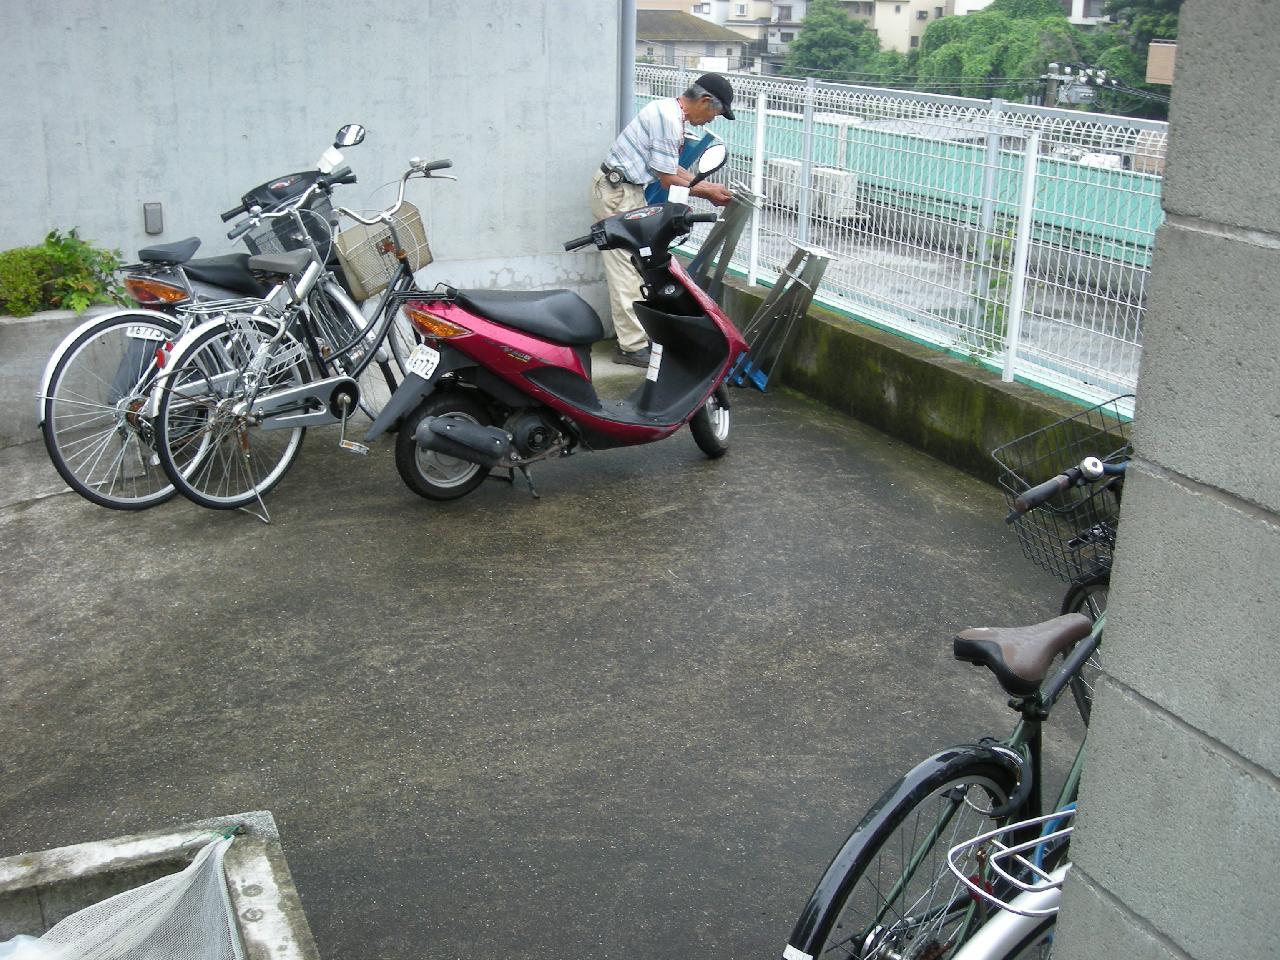 横浜市神奈川区片倉町アパート自転車・バイク用ステンレスバリカー5本設置